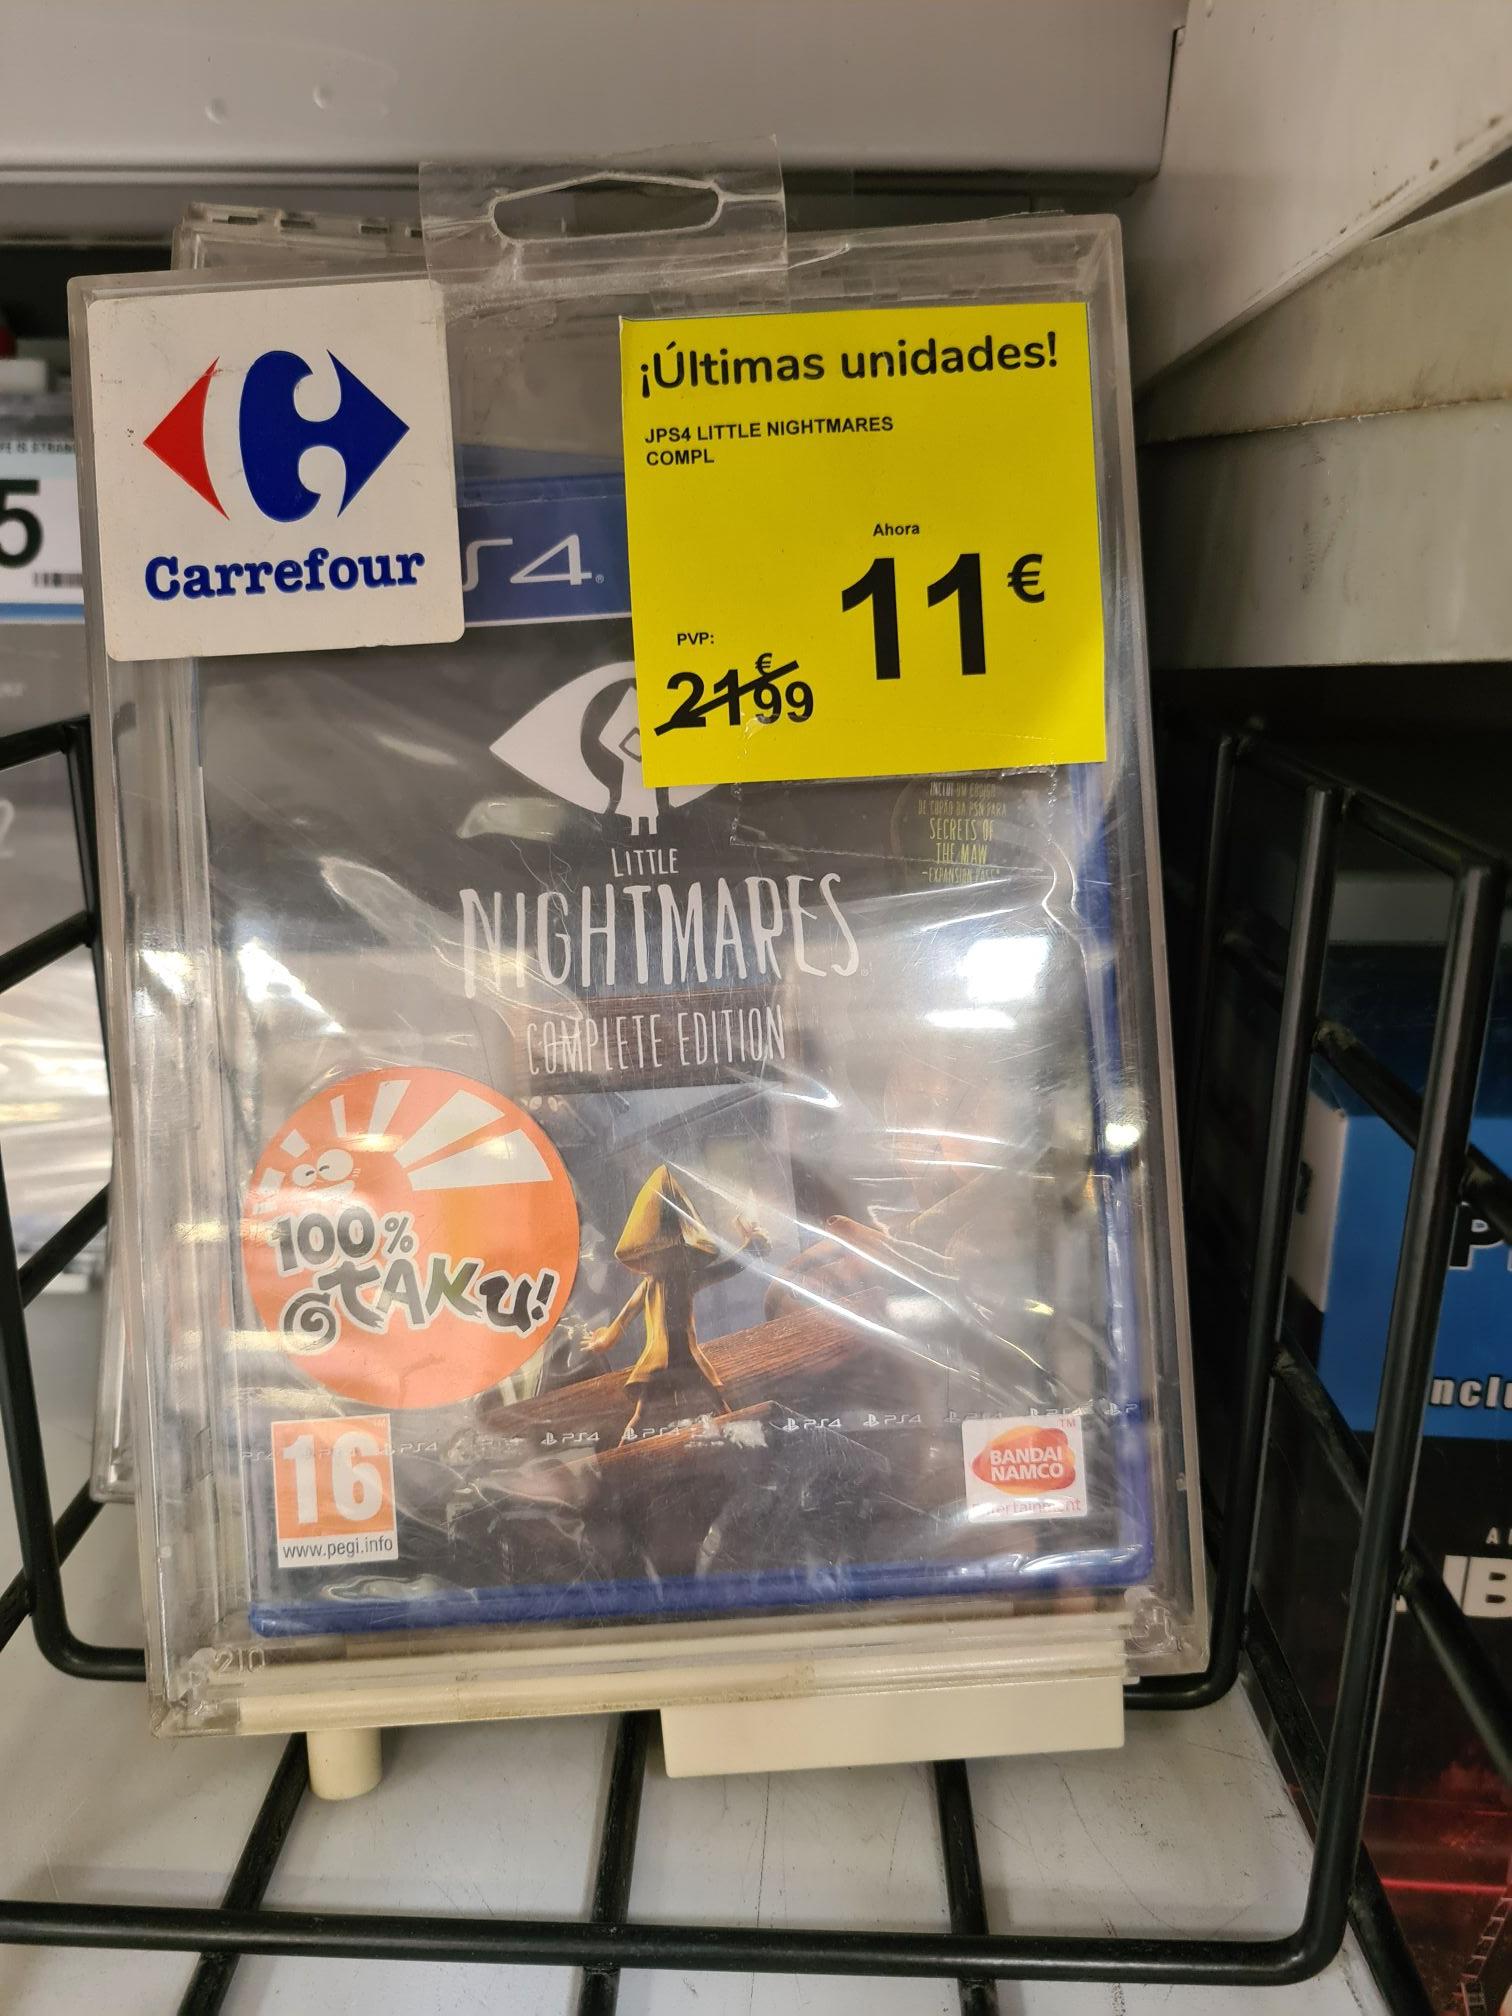 Little nightmares complete PS4